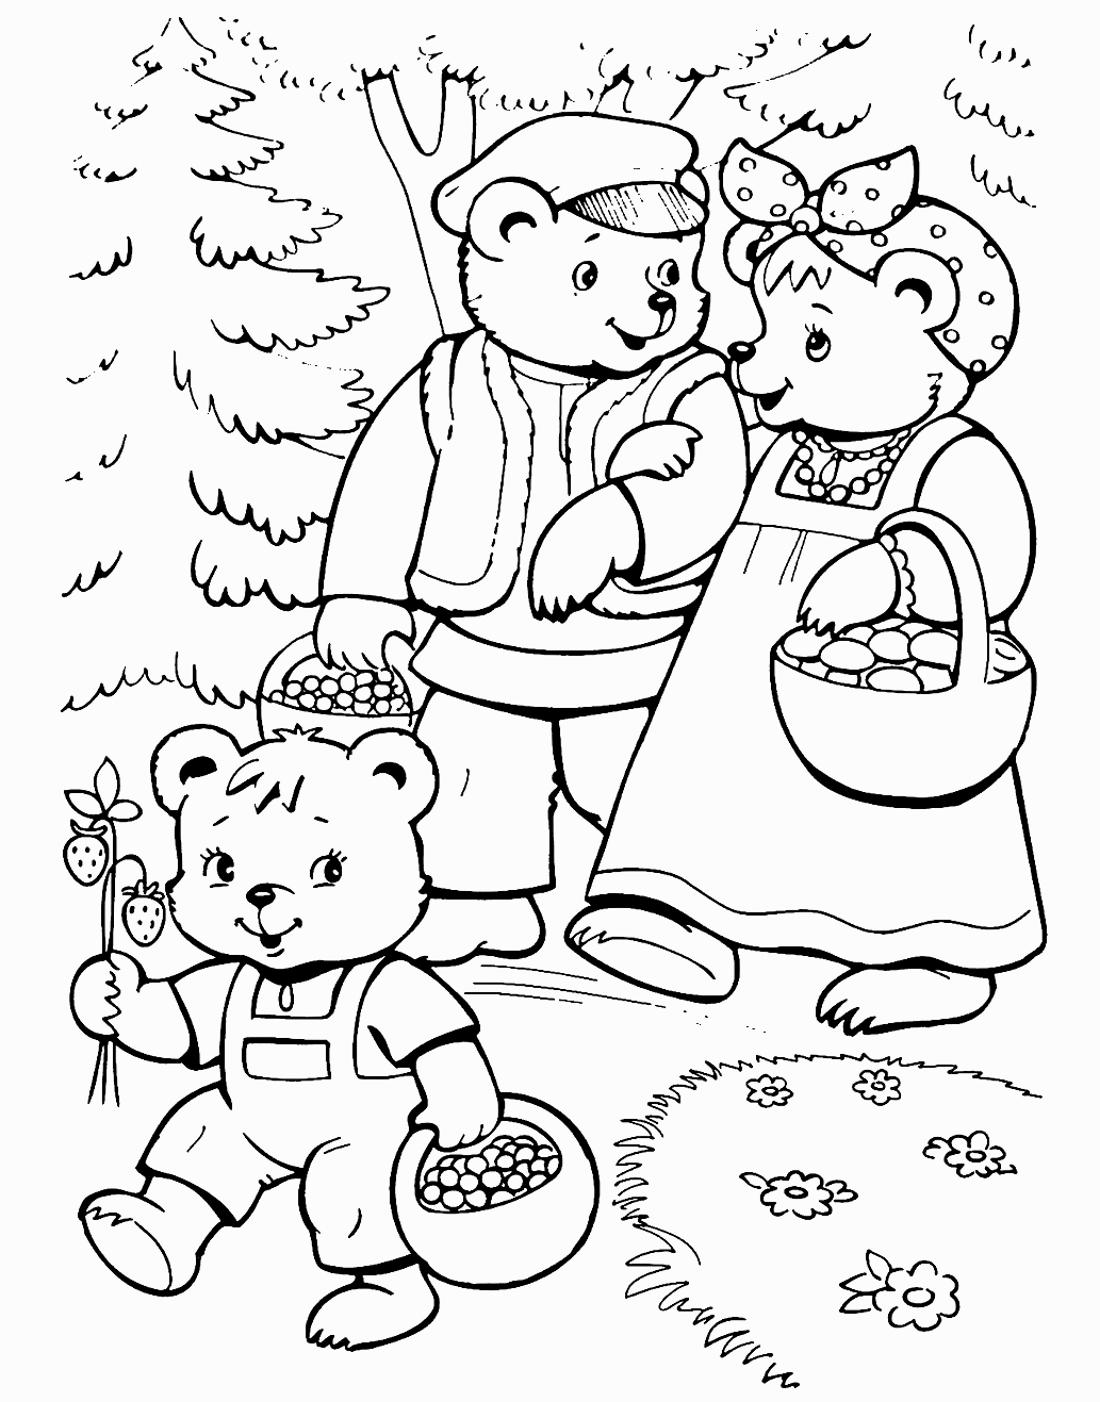 семья медведей на прогулке раскраска 784 Printonic Ru